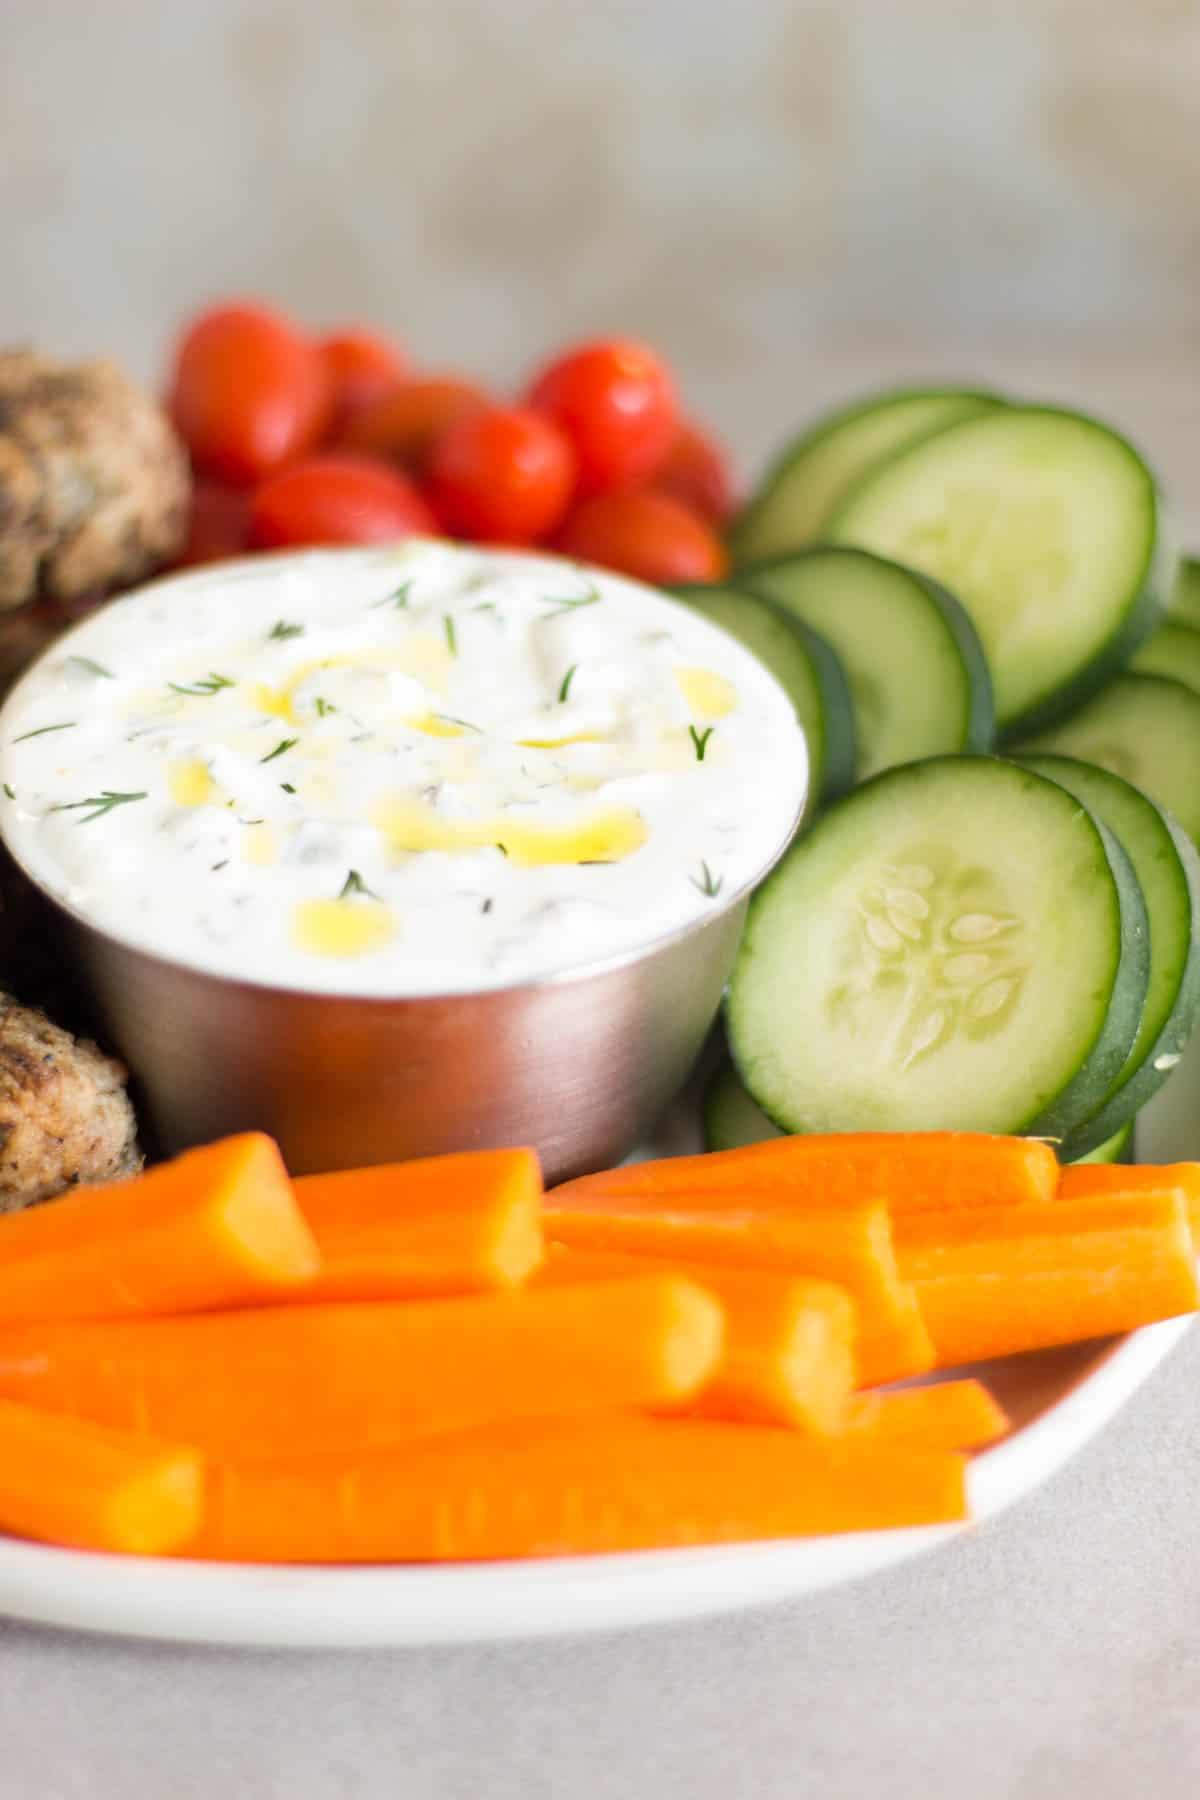 Fresh veggies and homemade tzatziki sauce